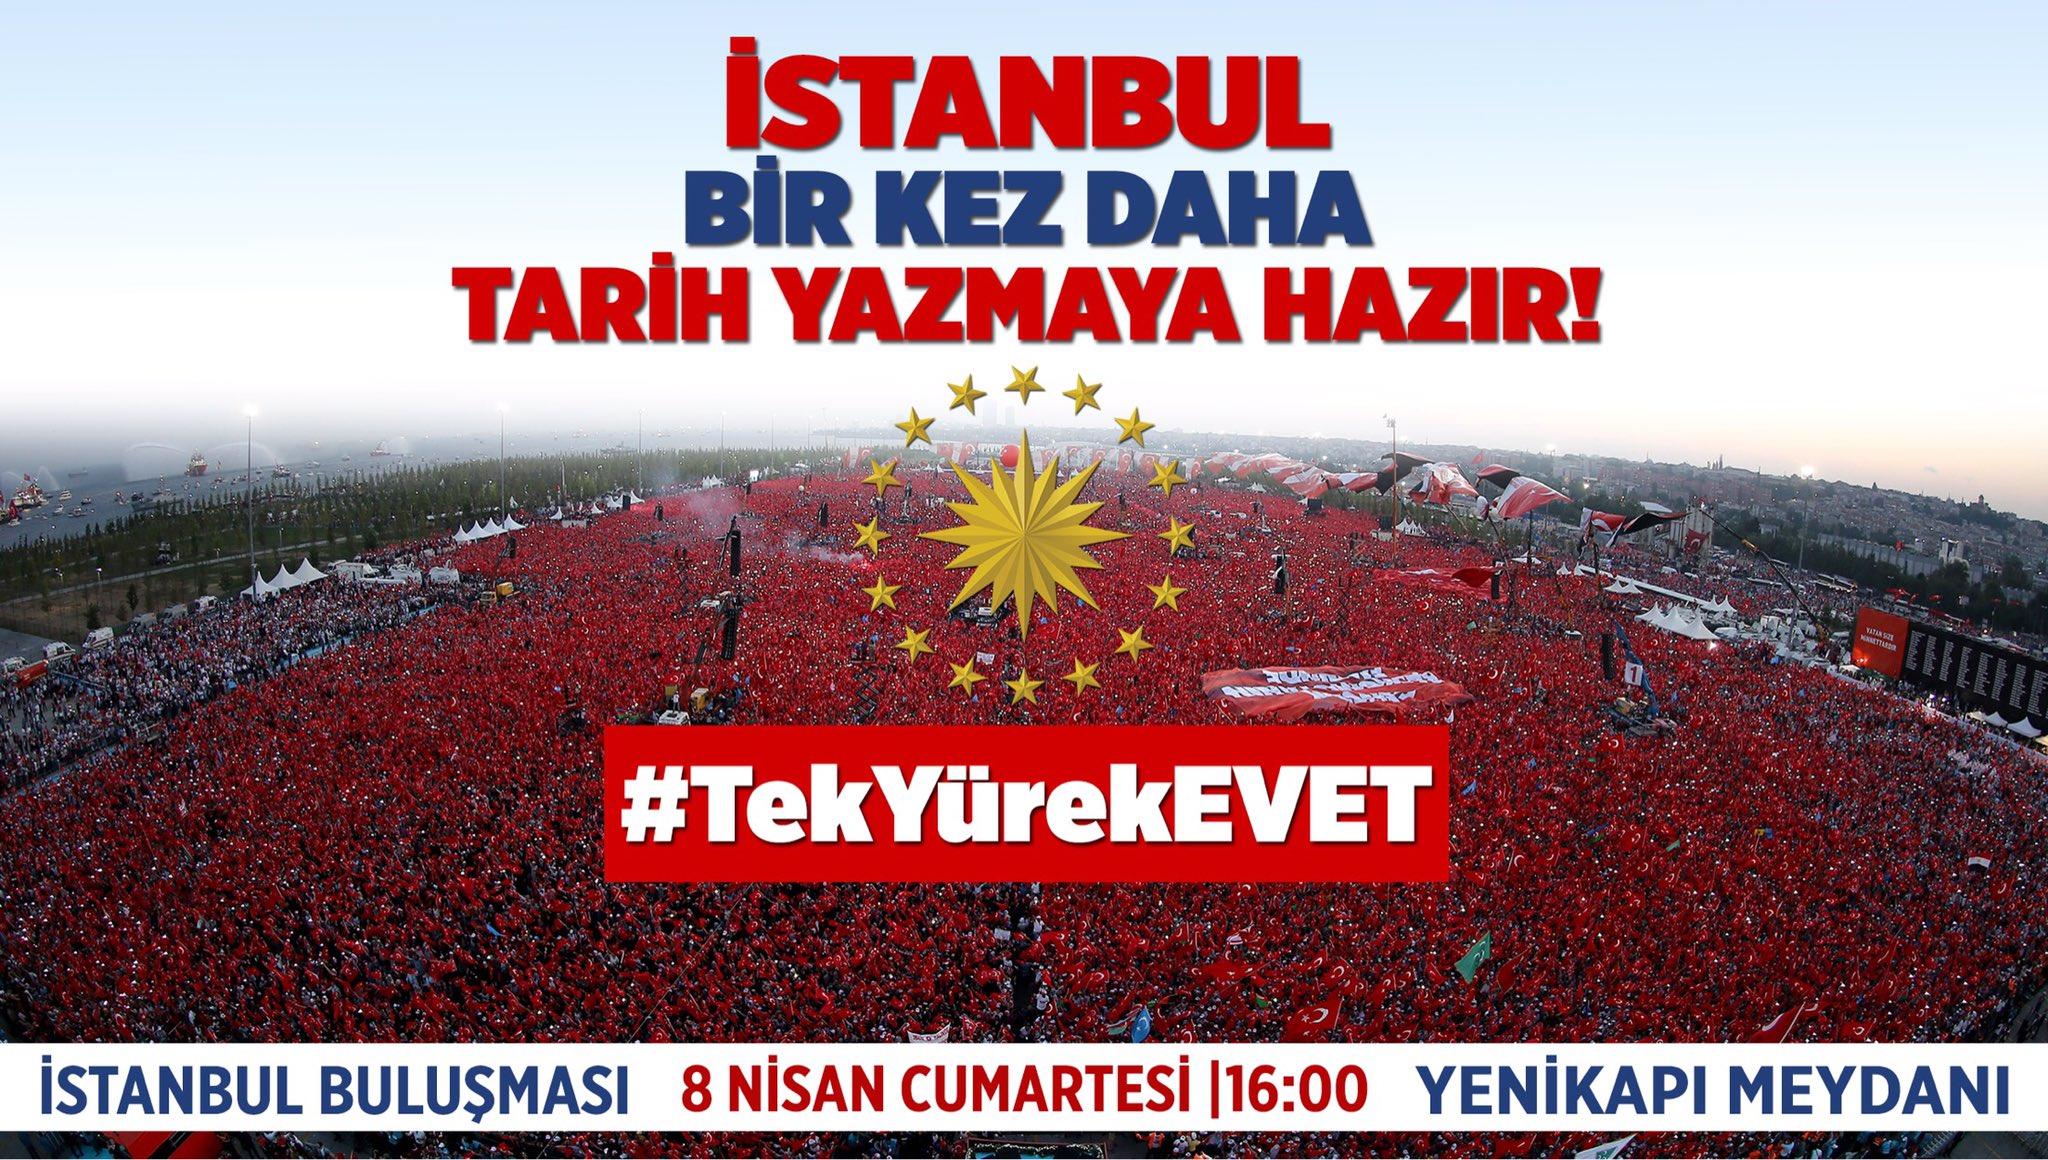 İstanbul bugün bir kez daha tarih yazacak. Saat 16:00'da, Yenikapı Meydanı'nda.  #TekYürekEVET https://t.co/gwkjJK8ZmC